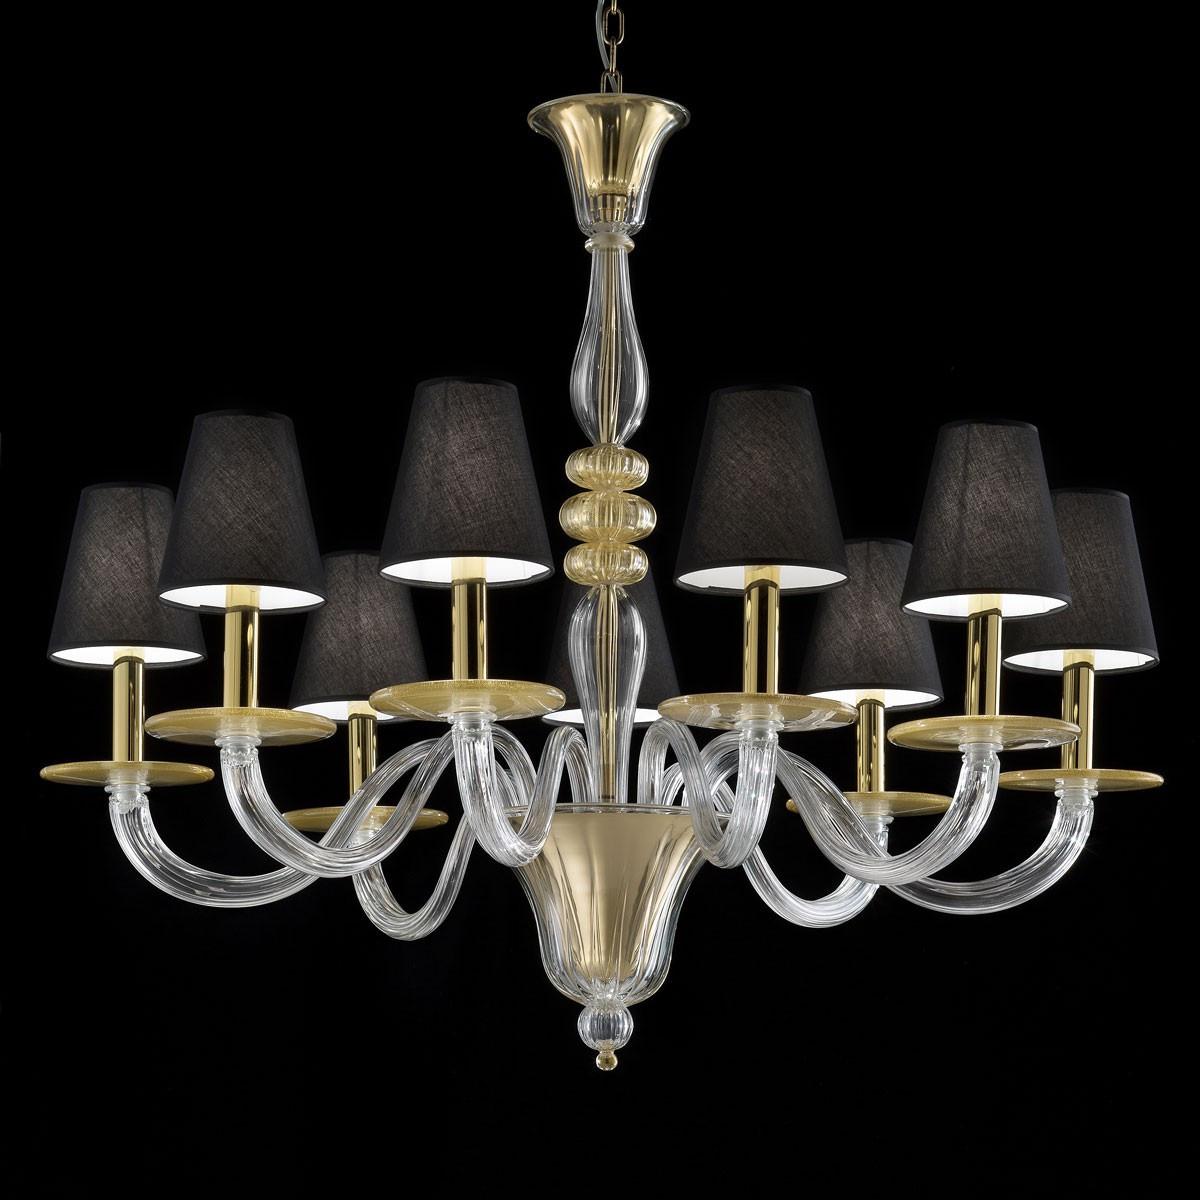 """""""Leda"""" lustre en verre de Murano - 9 lumieres - transparent et or"""